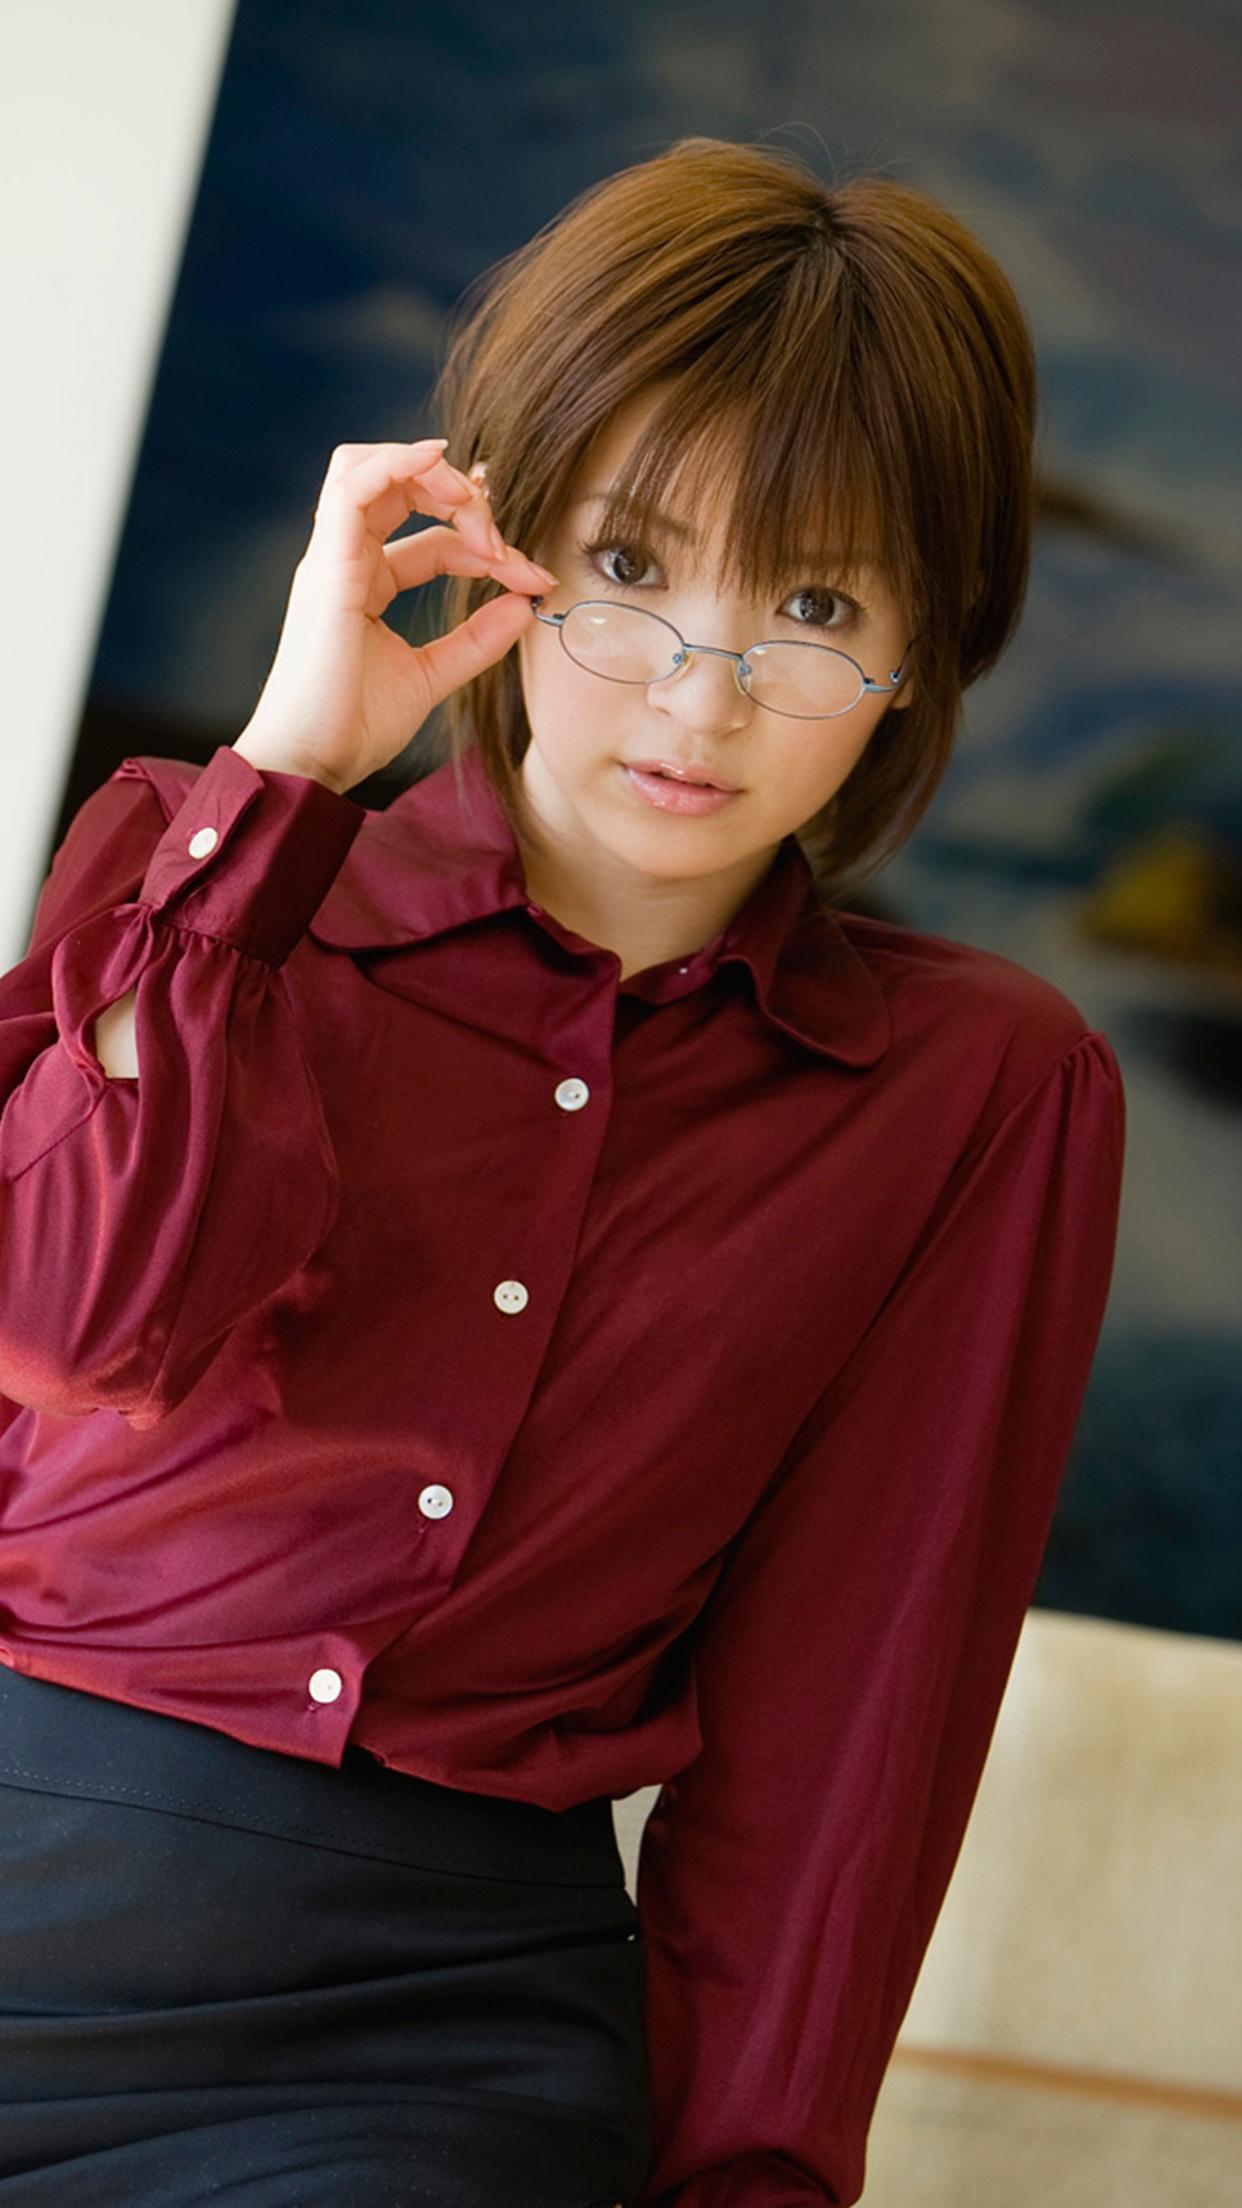 田中涼子 [iPhone] 田中涼子 – たなか りょうこ